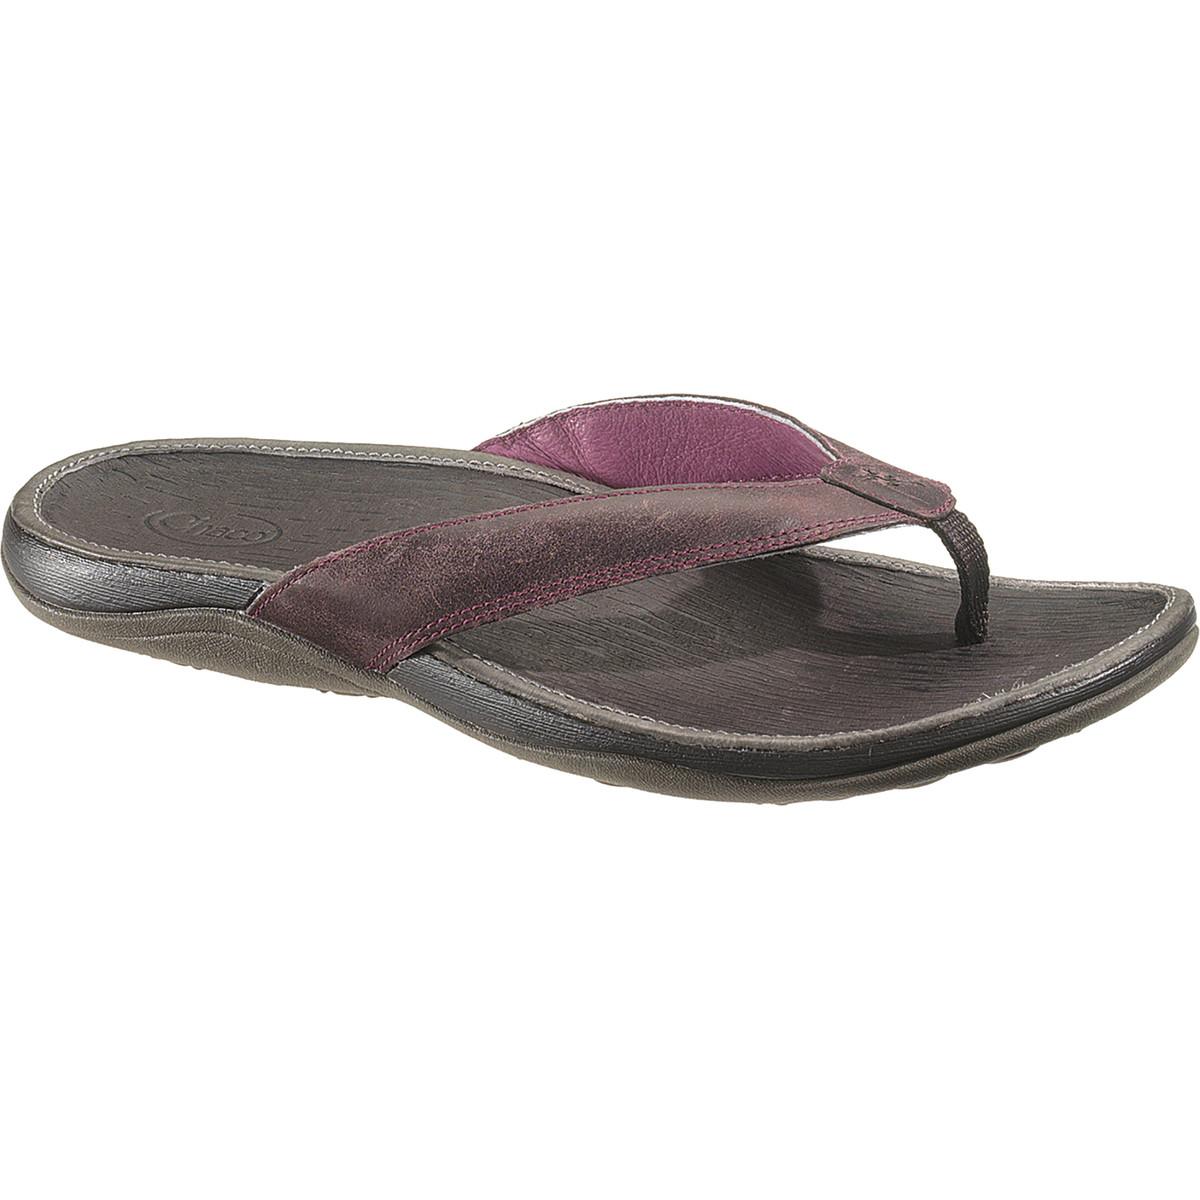 photo: Chaco Sol Sandal flip-flop